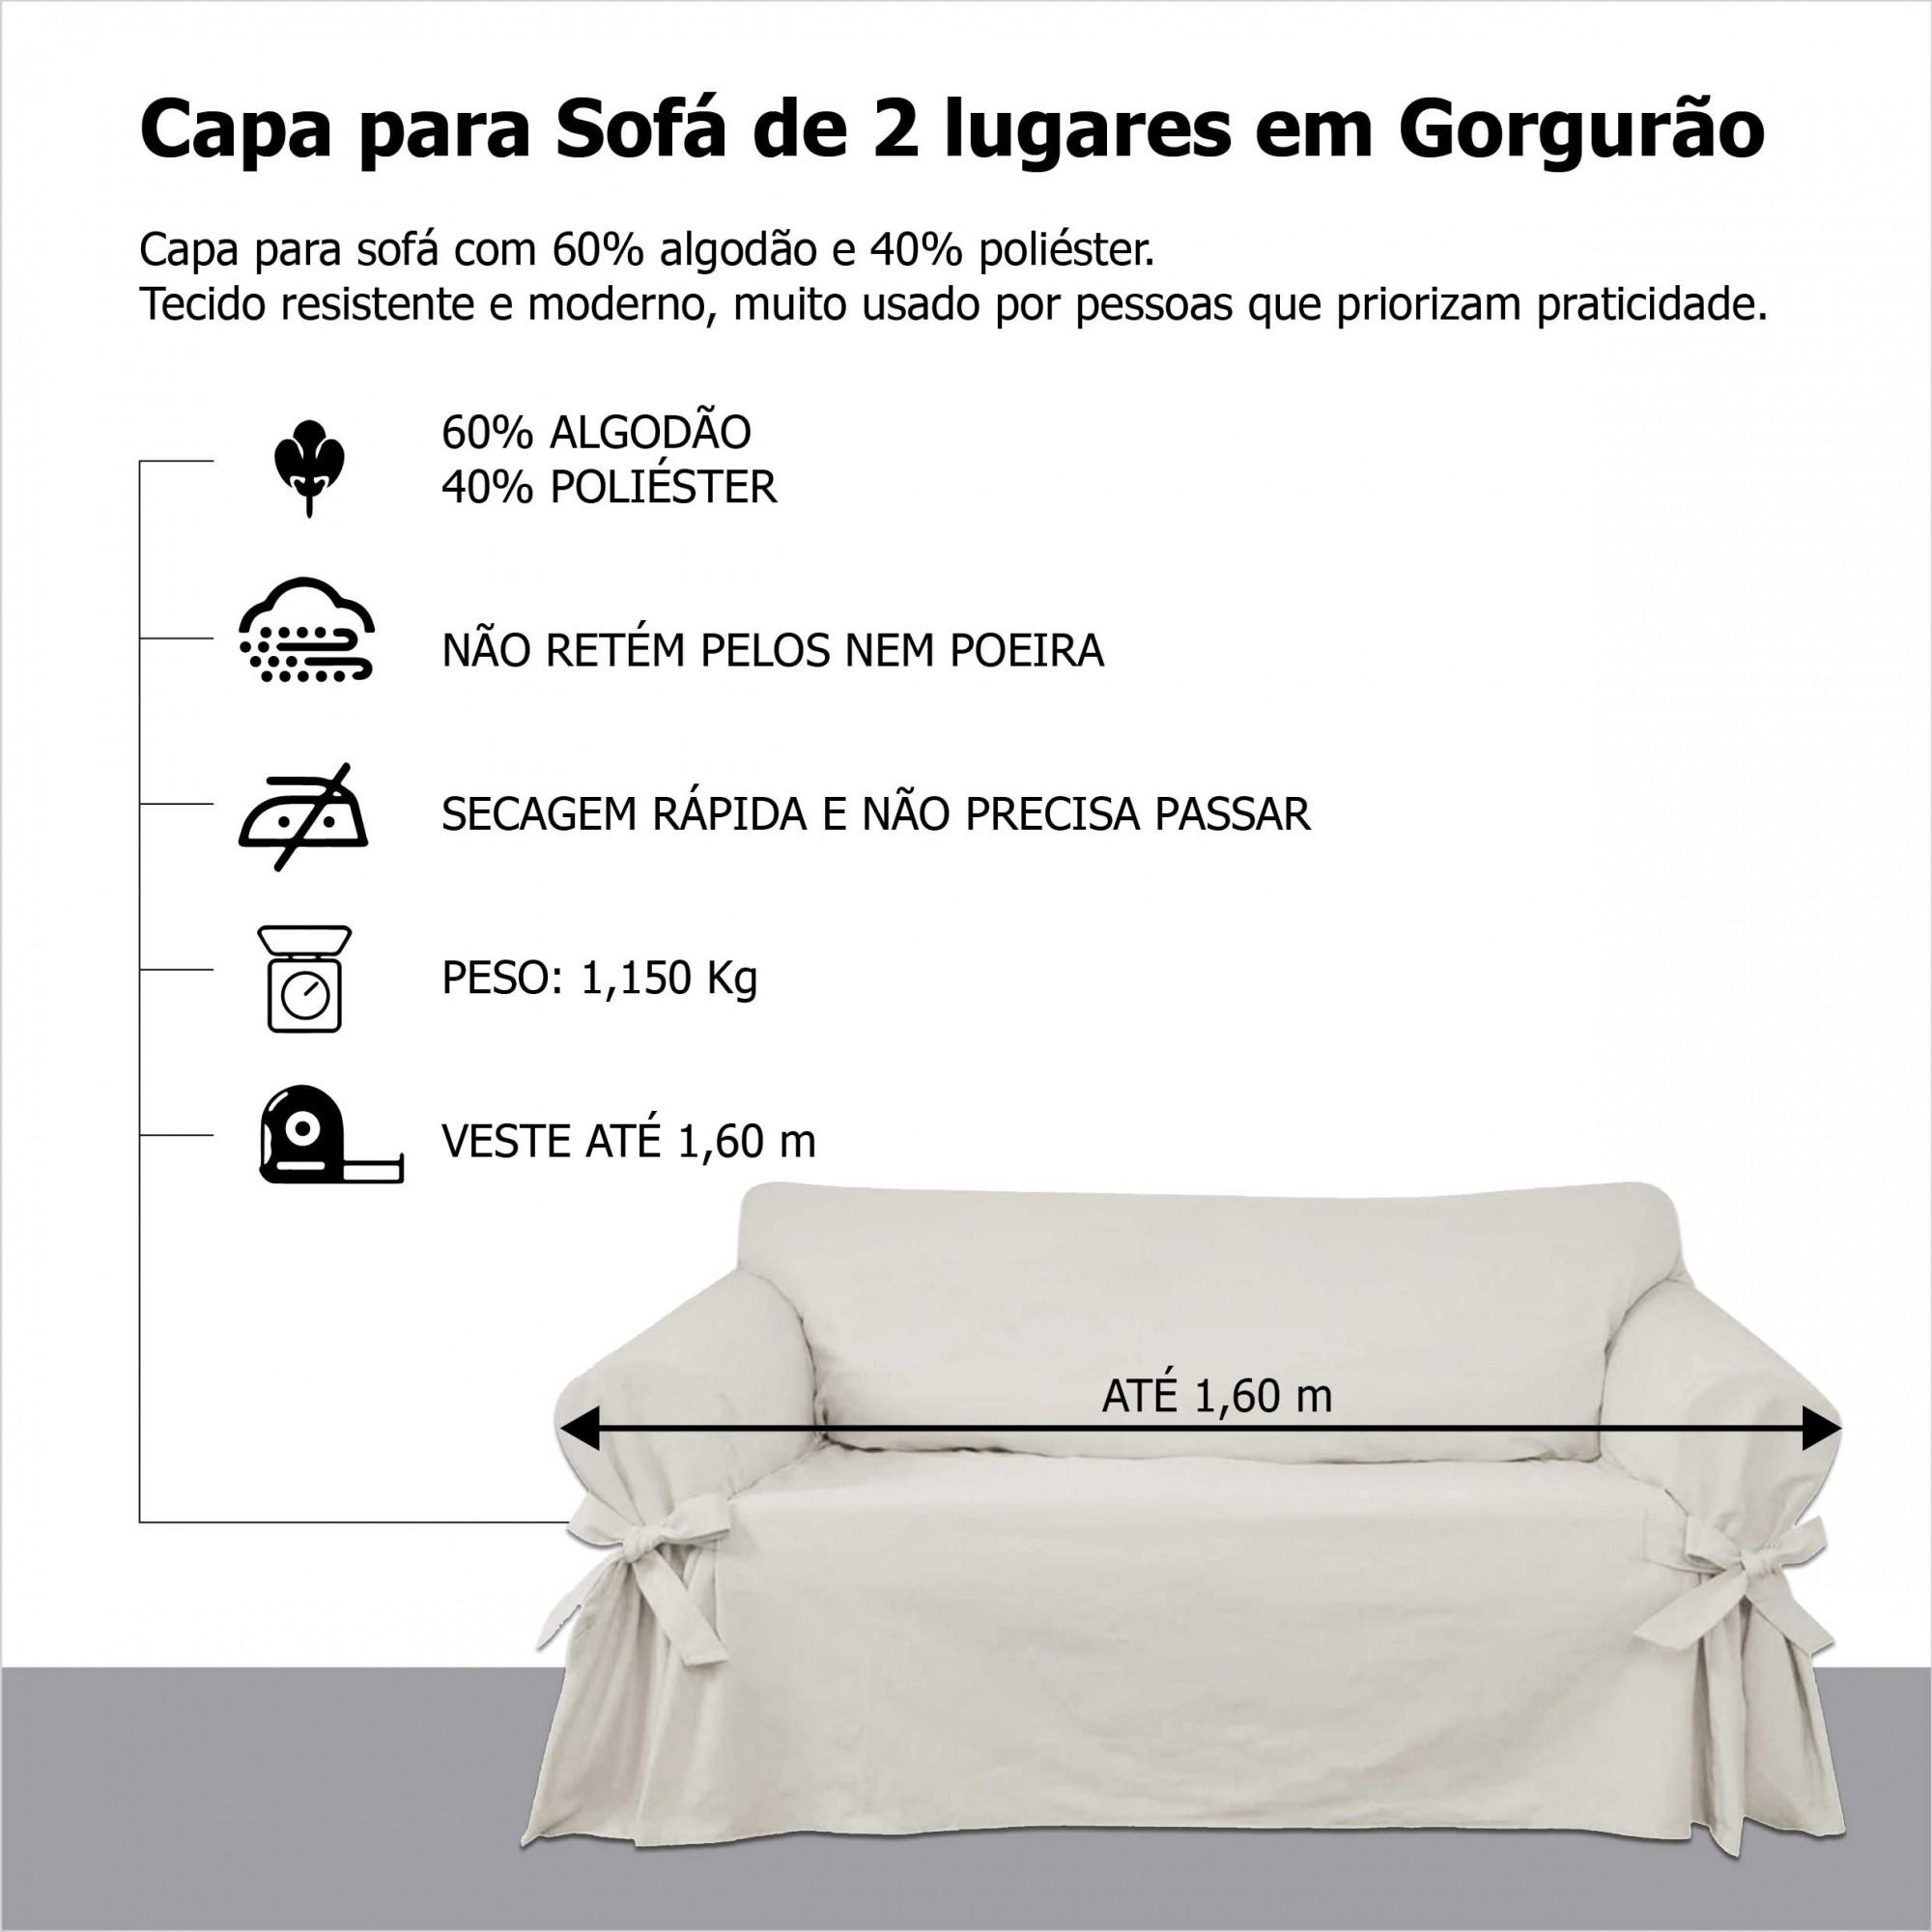 Capa p/ Sofá de 2 Lug CRUA em Gorgurão